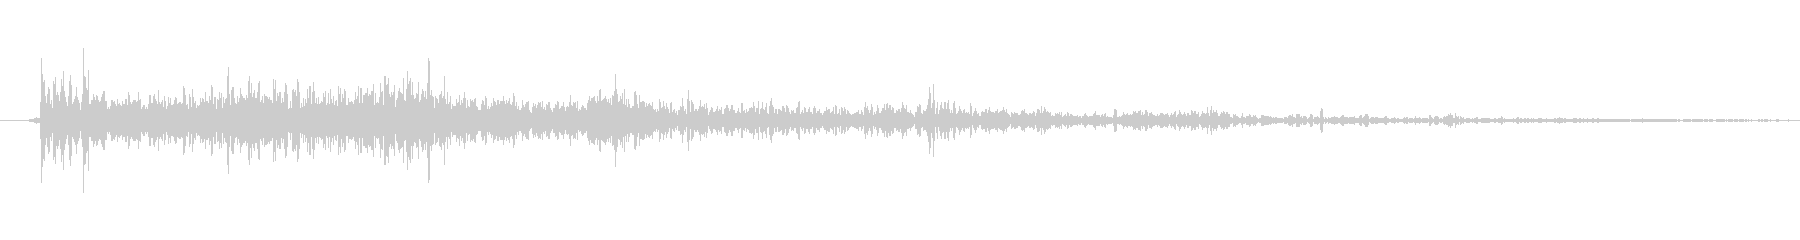 銃の音 (5)の未再生の波形